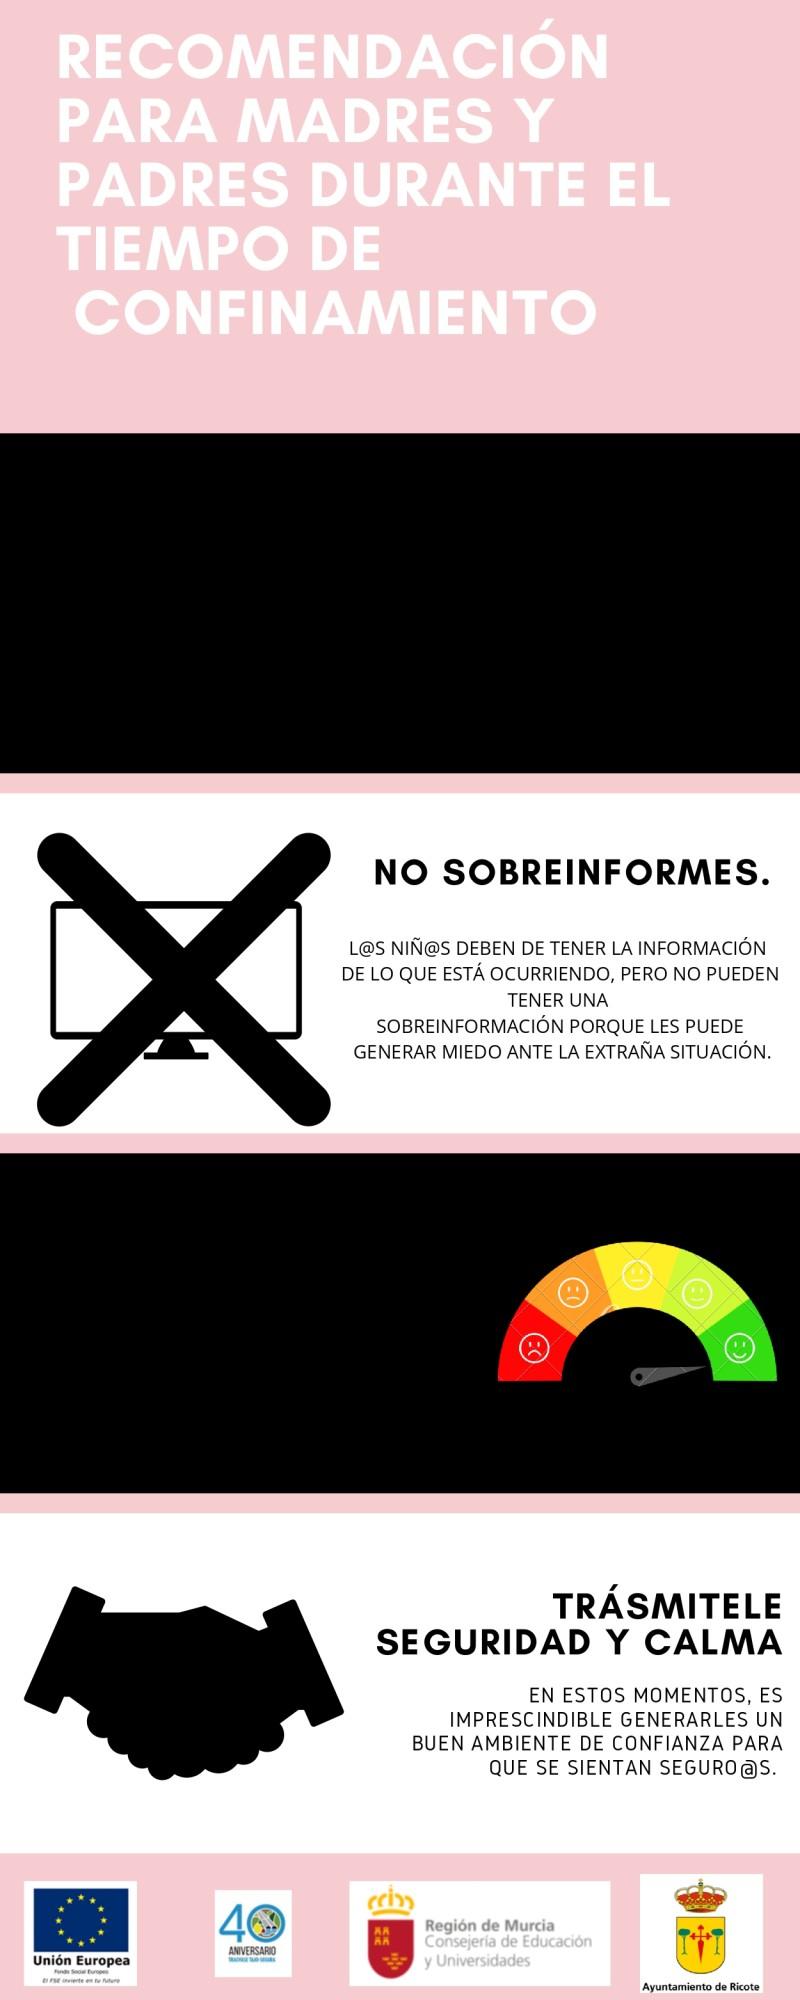 RECOMENDACIÓN PARA MADRES Y PADRES DURANTE EL TIEMPO DE CONFINAMIENTO_page-0001